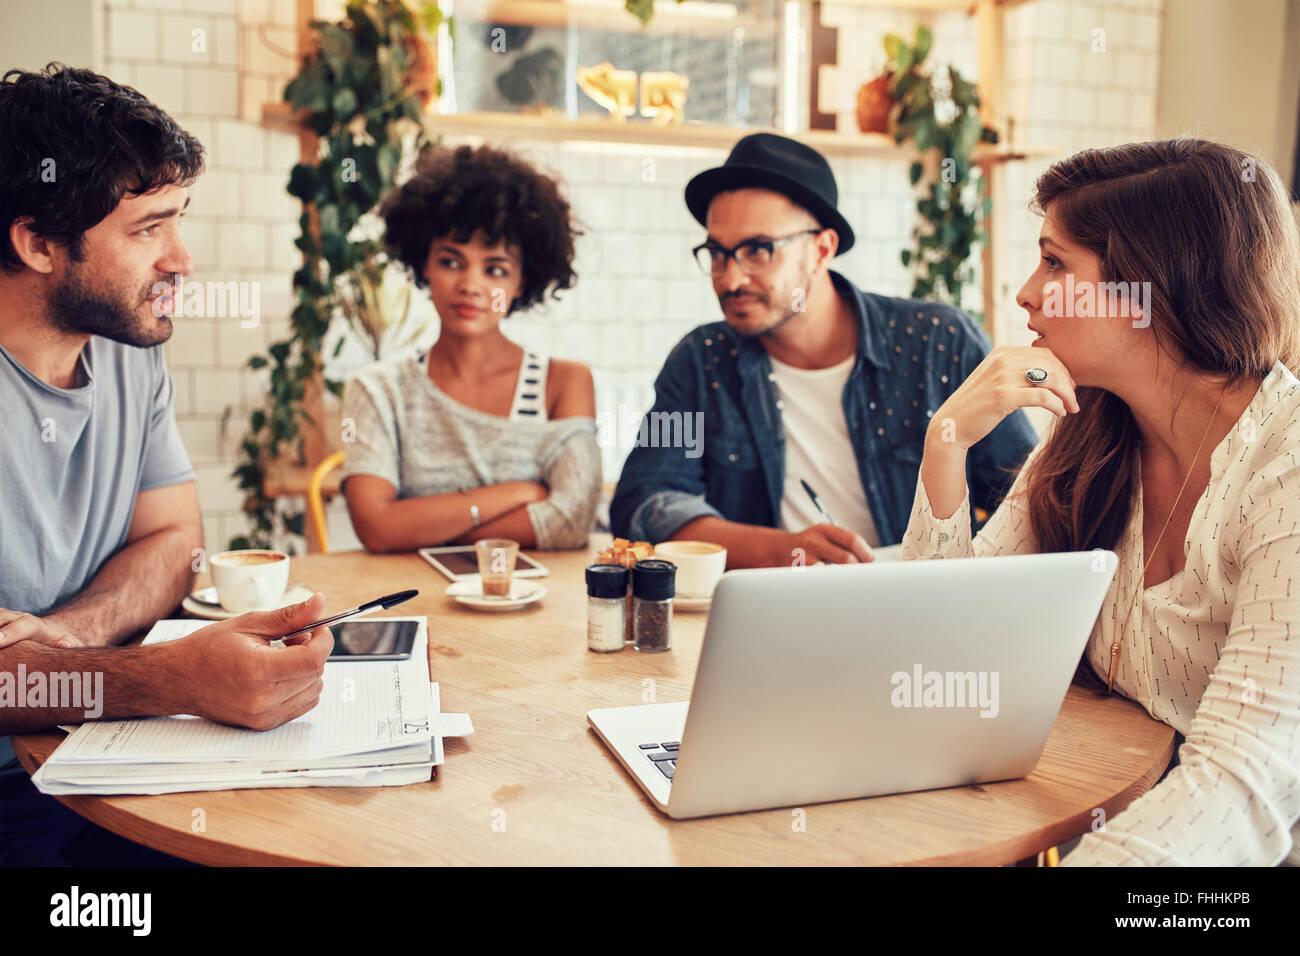 Portrait de jeunes gens assis autour de café avec un ordinateur portable. Réunion de l'équipe Photo Stock